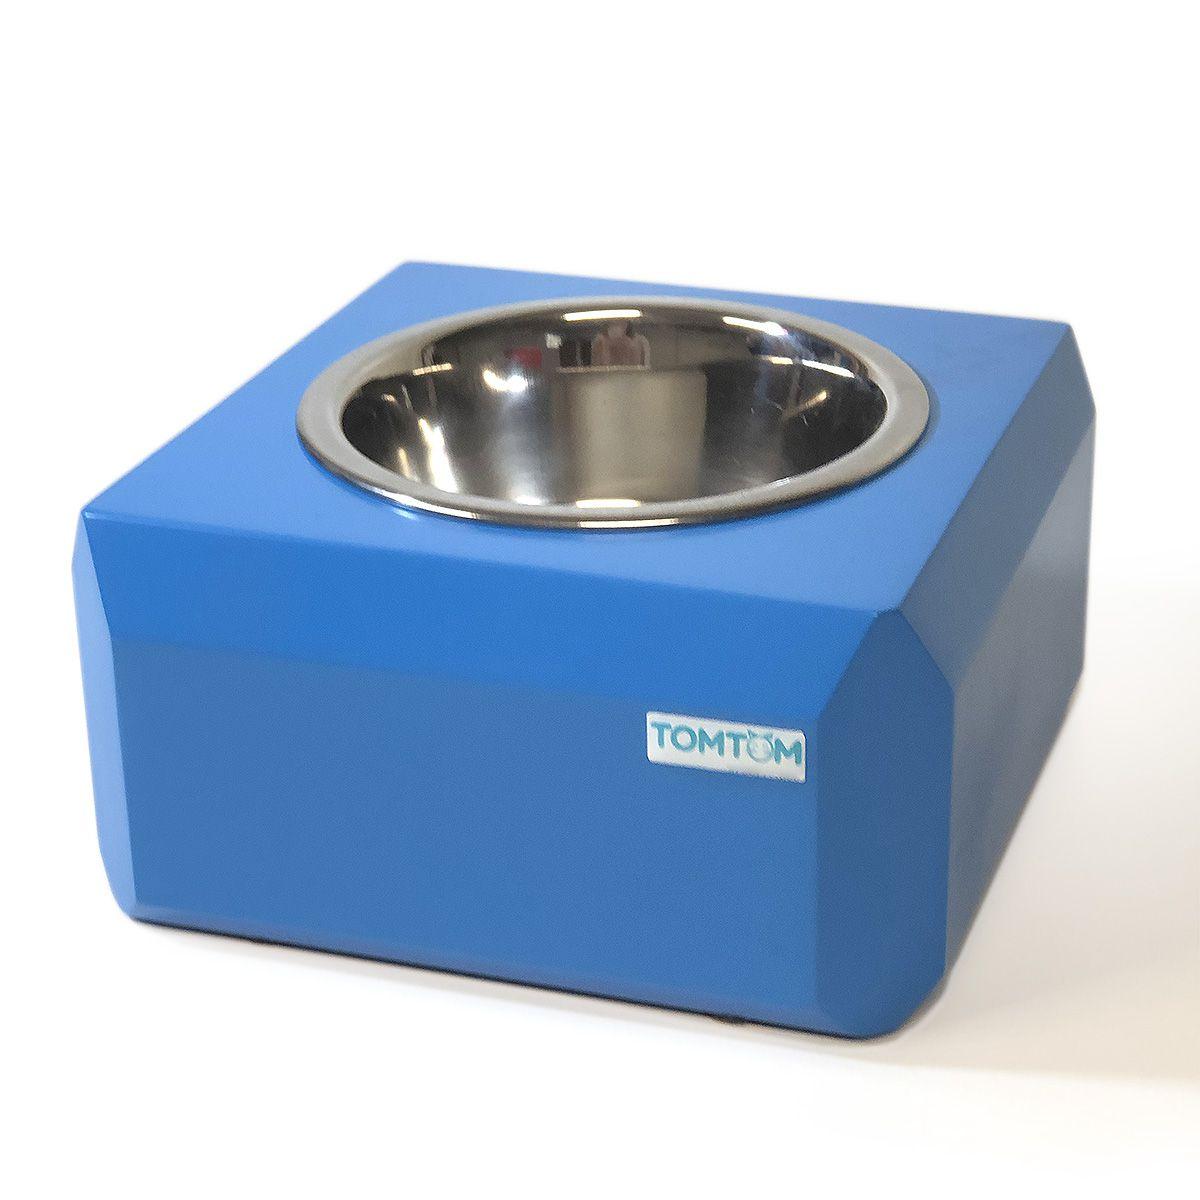 Comedouro Elevado Cubo Mágico Azul Tomtom